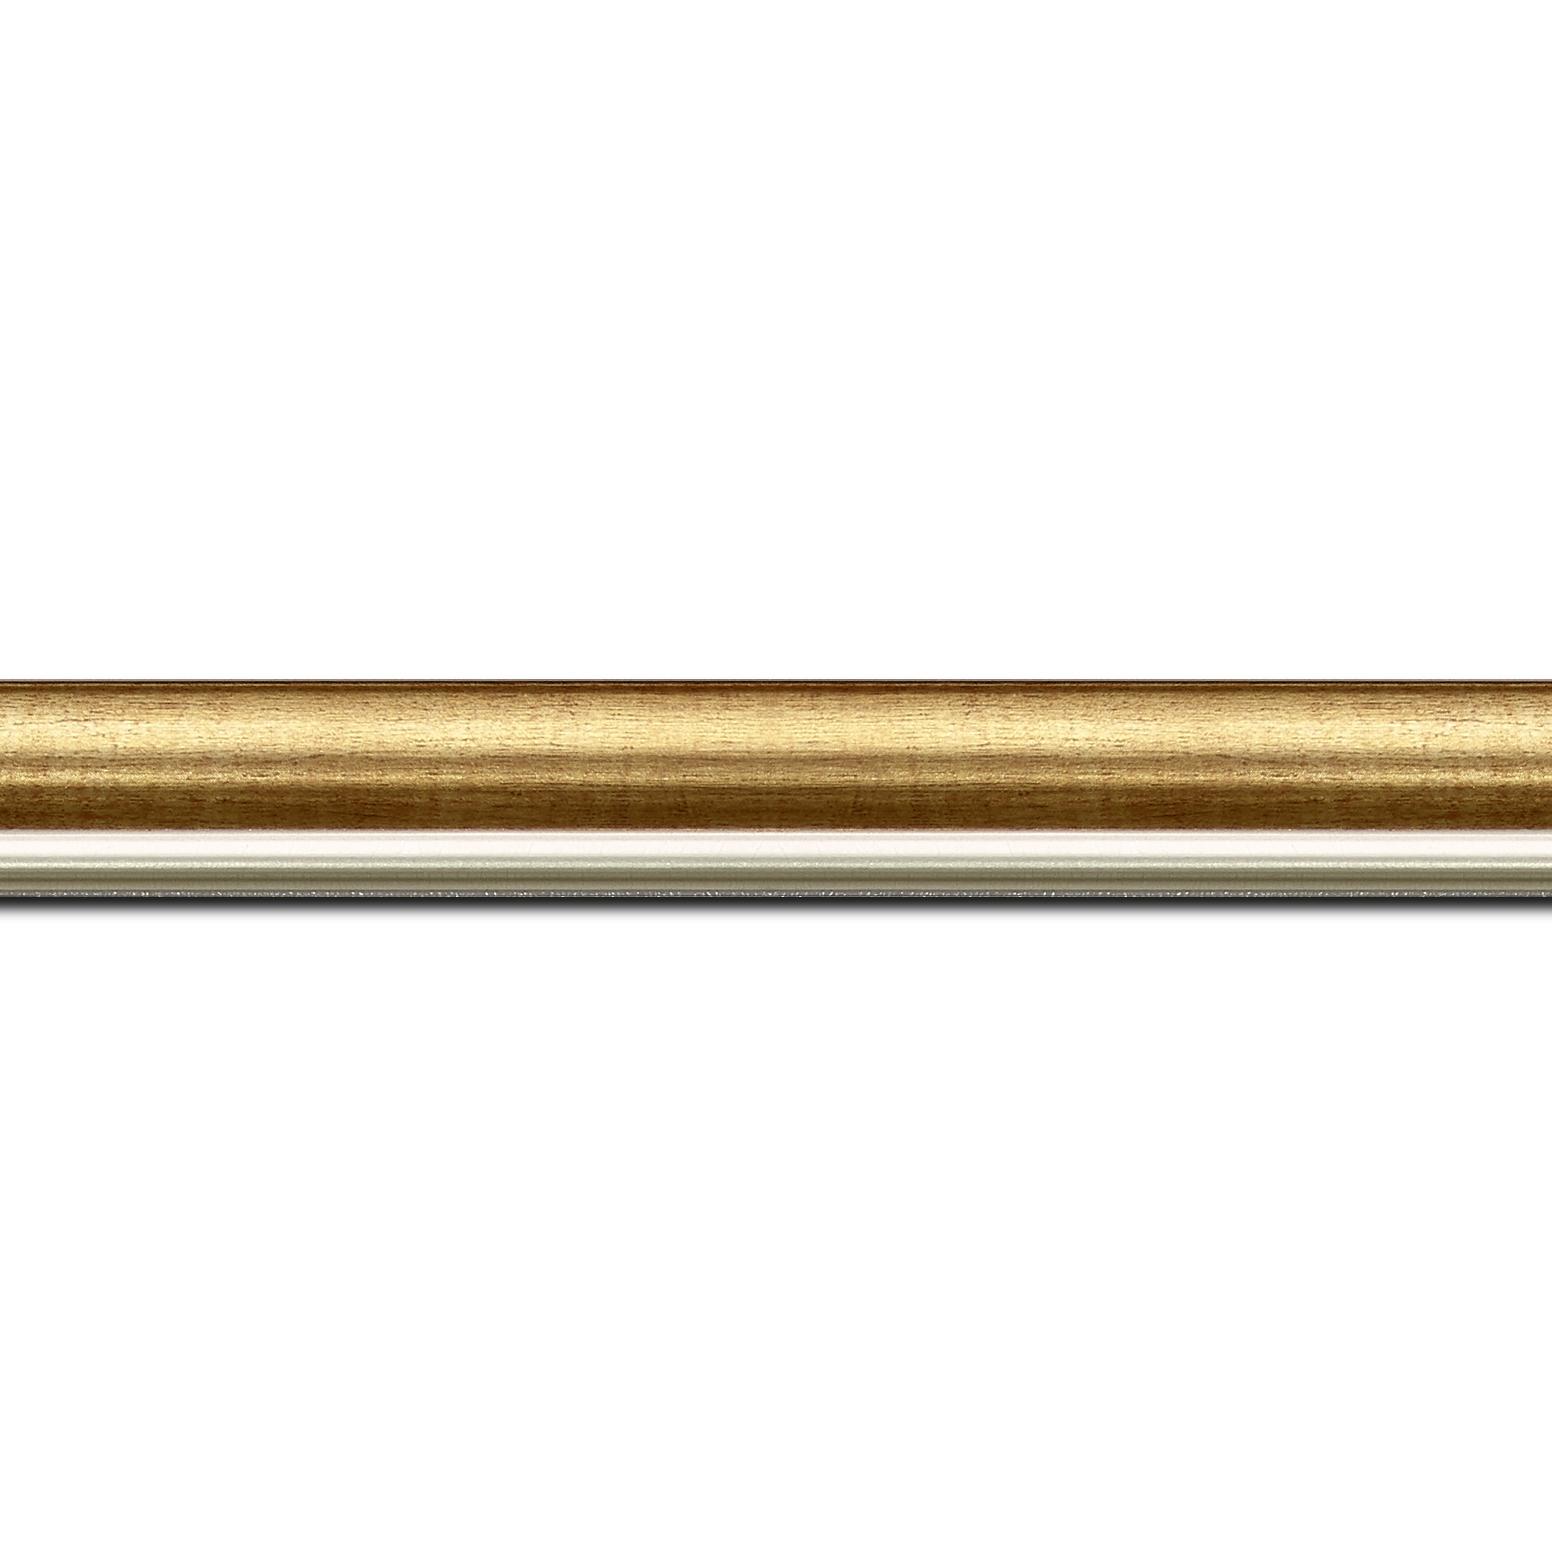 Baguette longueur 1.40m bois profil arrondi largeur 2.1cm couleur or filet argent chaud